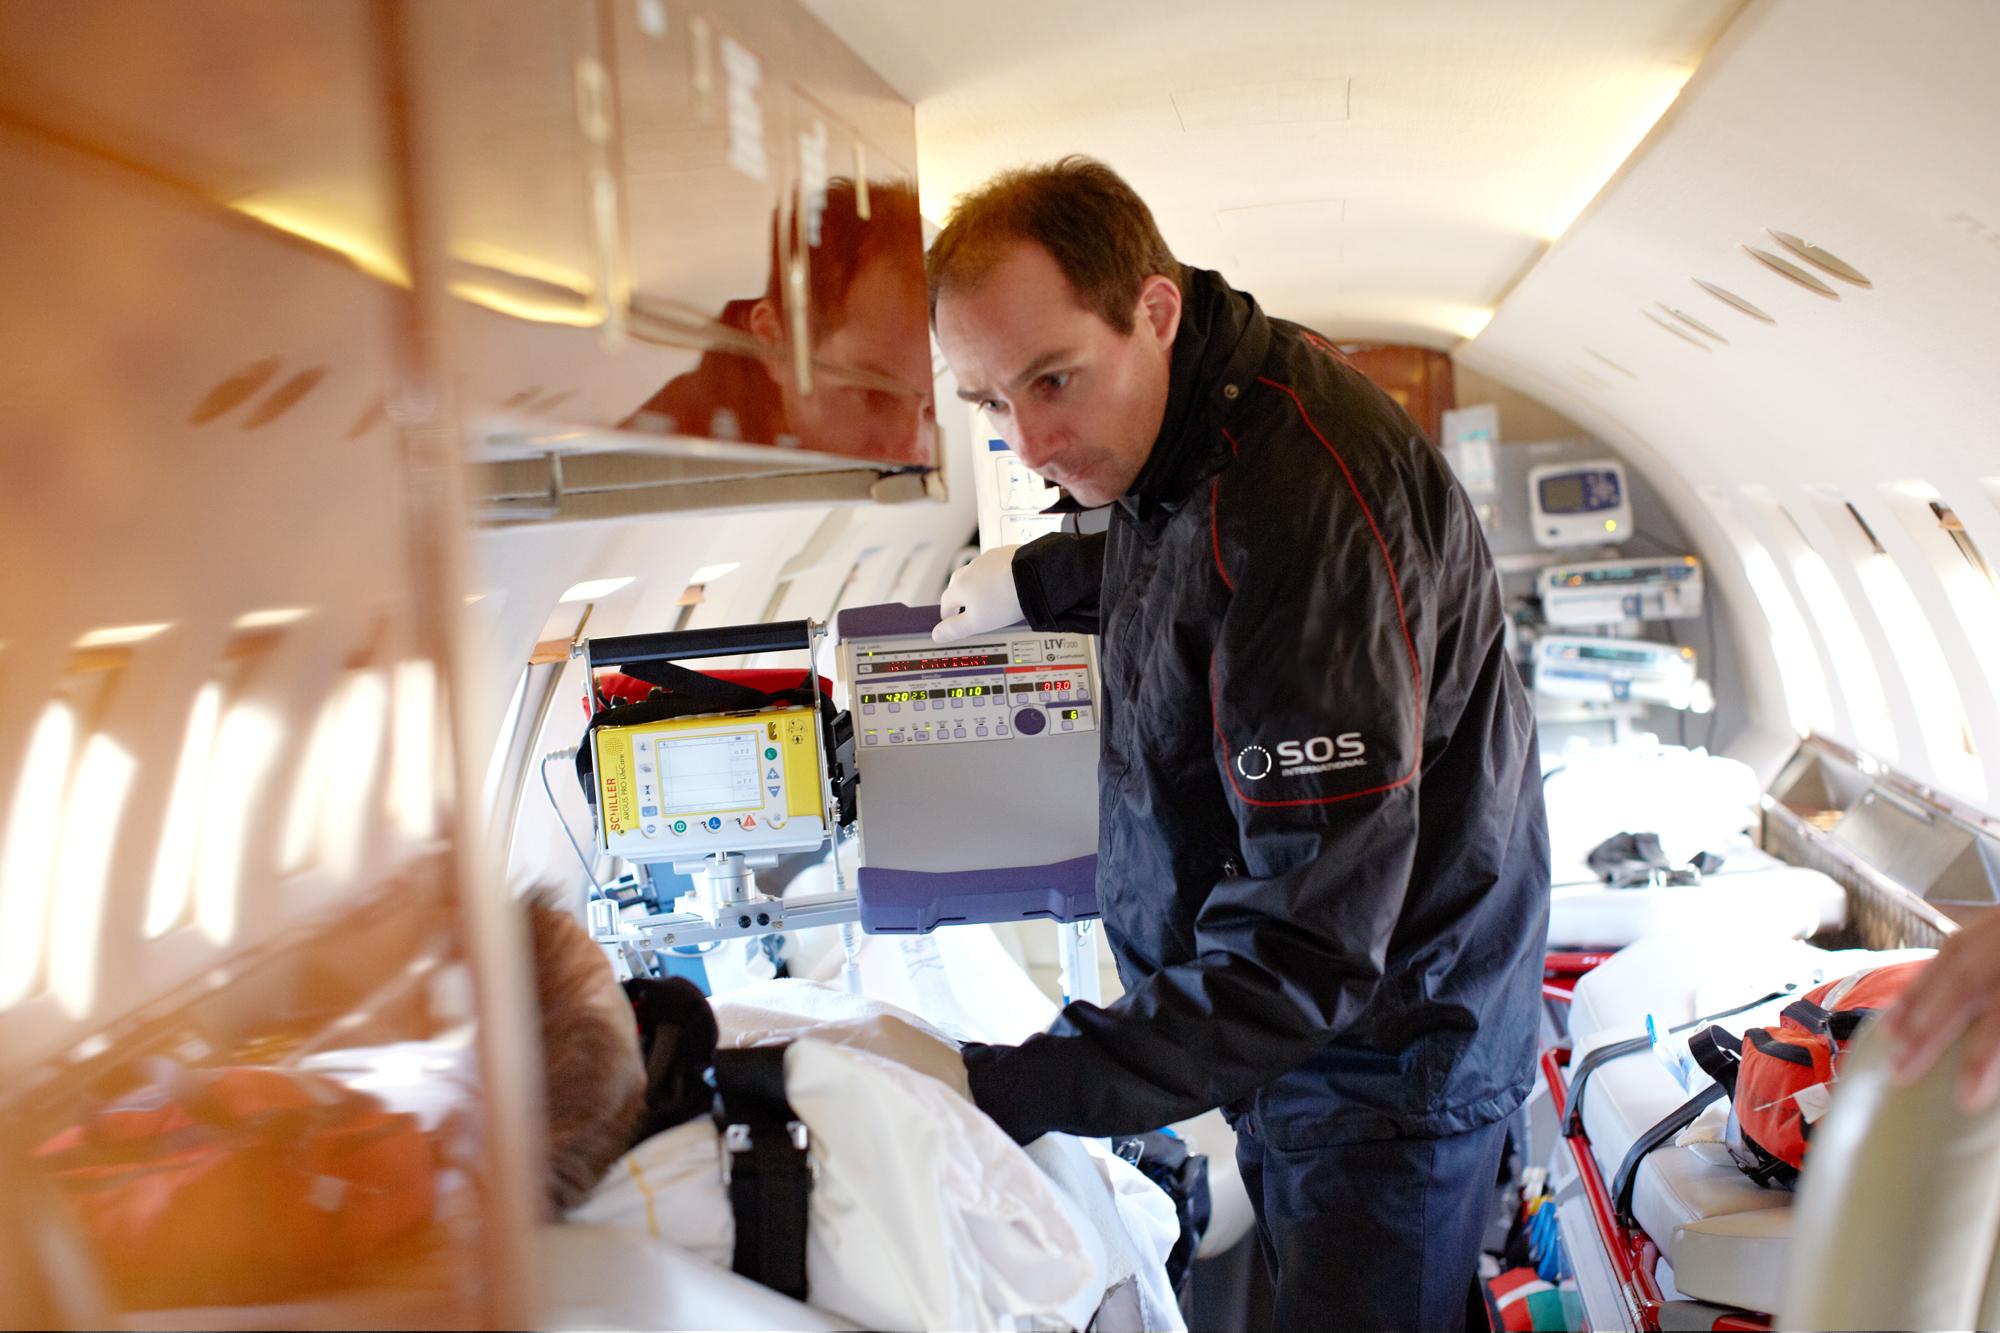 SOS International arbejder lige nu på at hjælpe cirka 22 alvorligt syge eller tilskadekomne patienter hjem til Norden fra udlandet. Arkivpressefoto: SOS International.